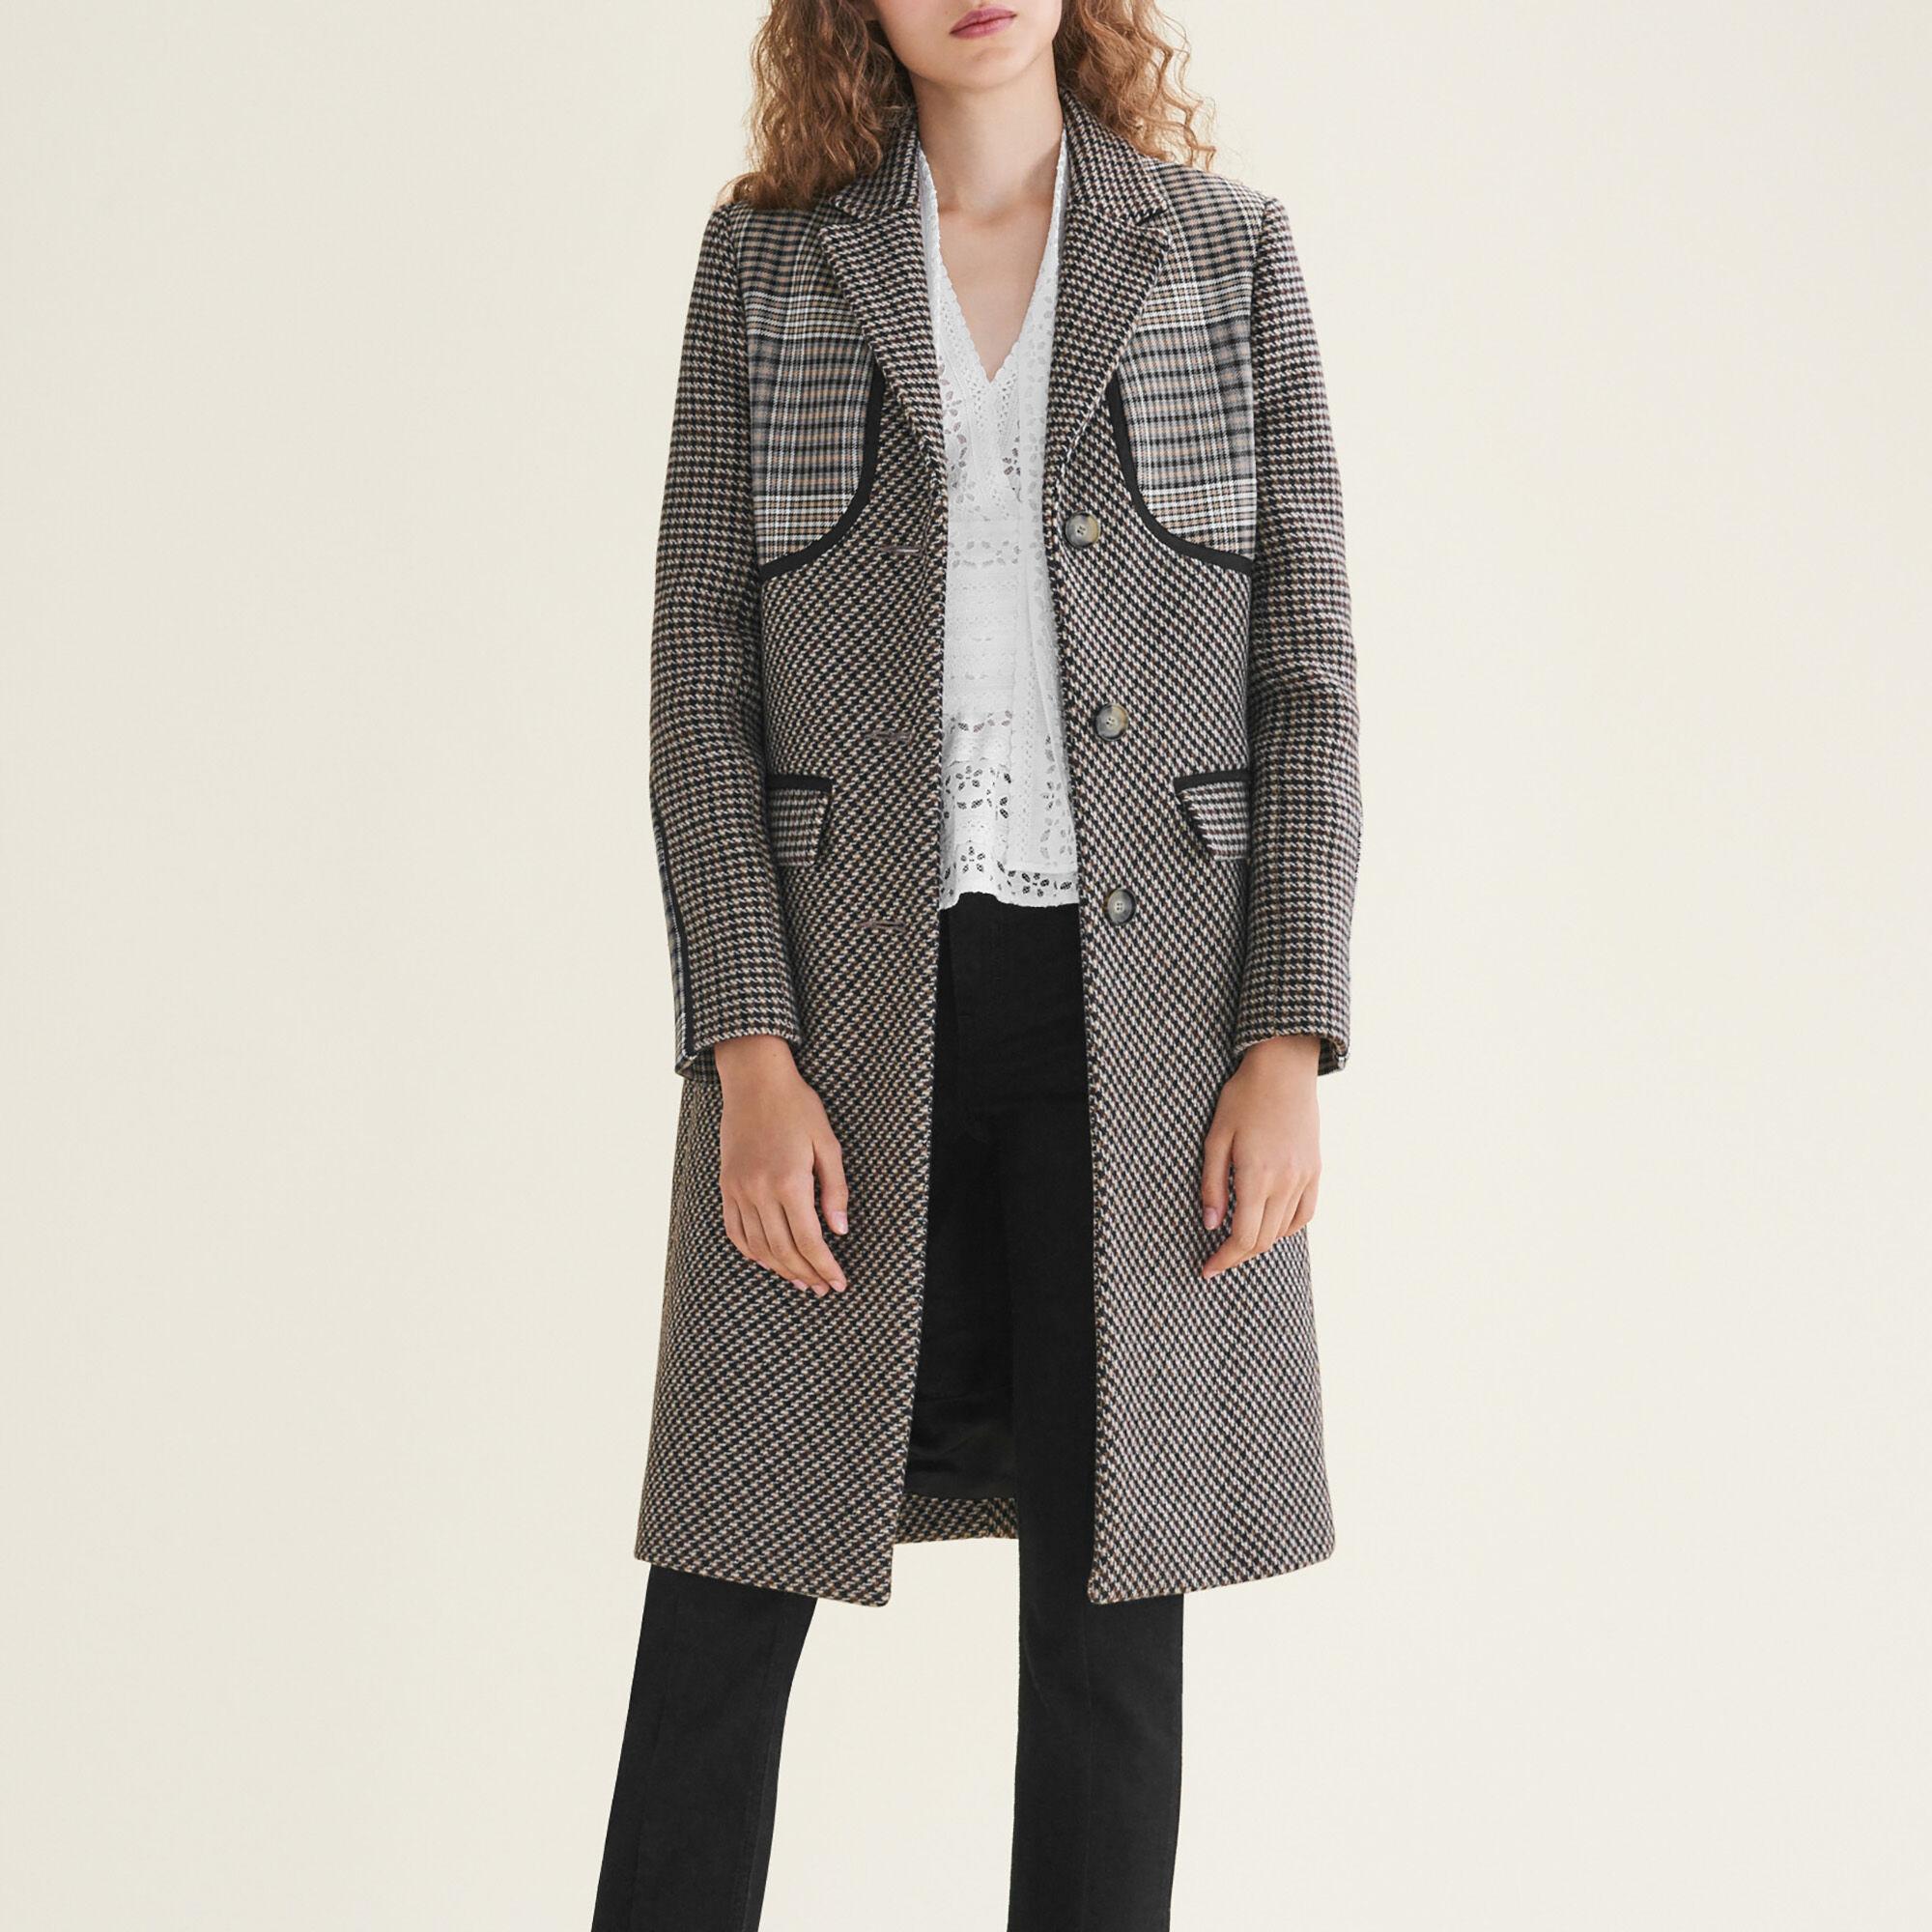 Manteau à carreaux jacquard maje t36 femme